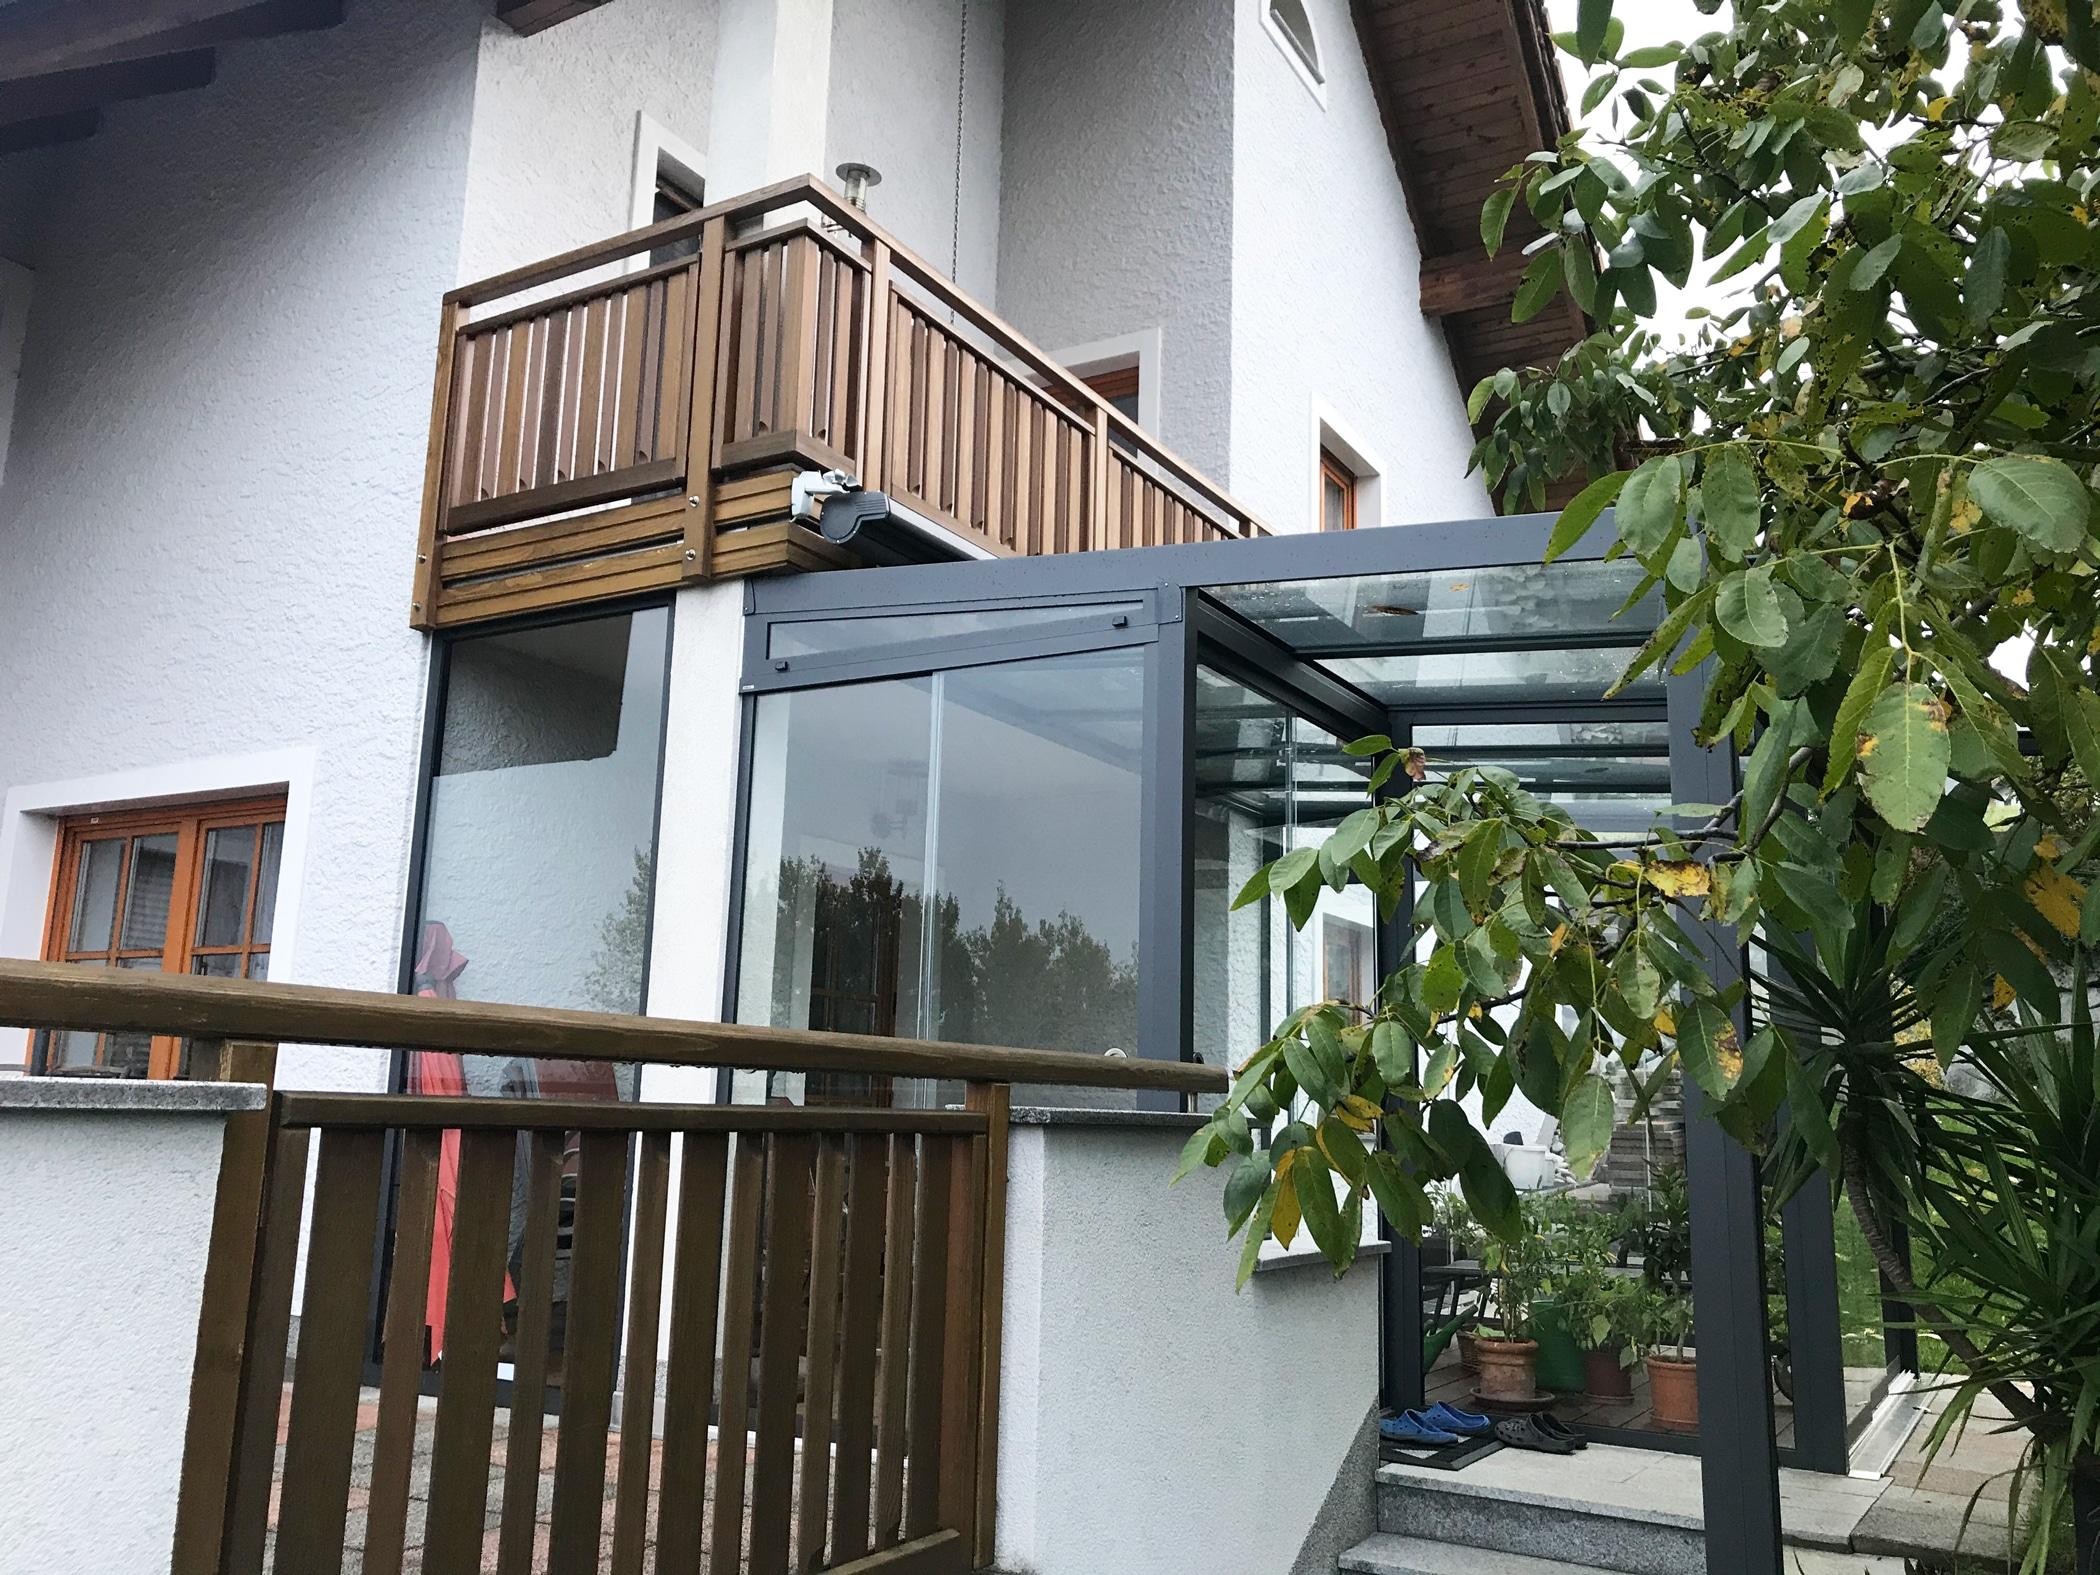 Wintergarten mit Überdachung aus Glas